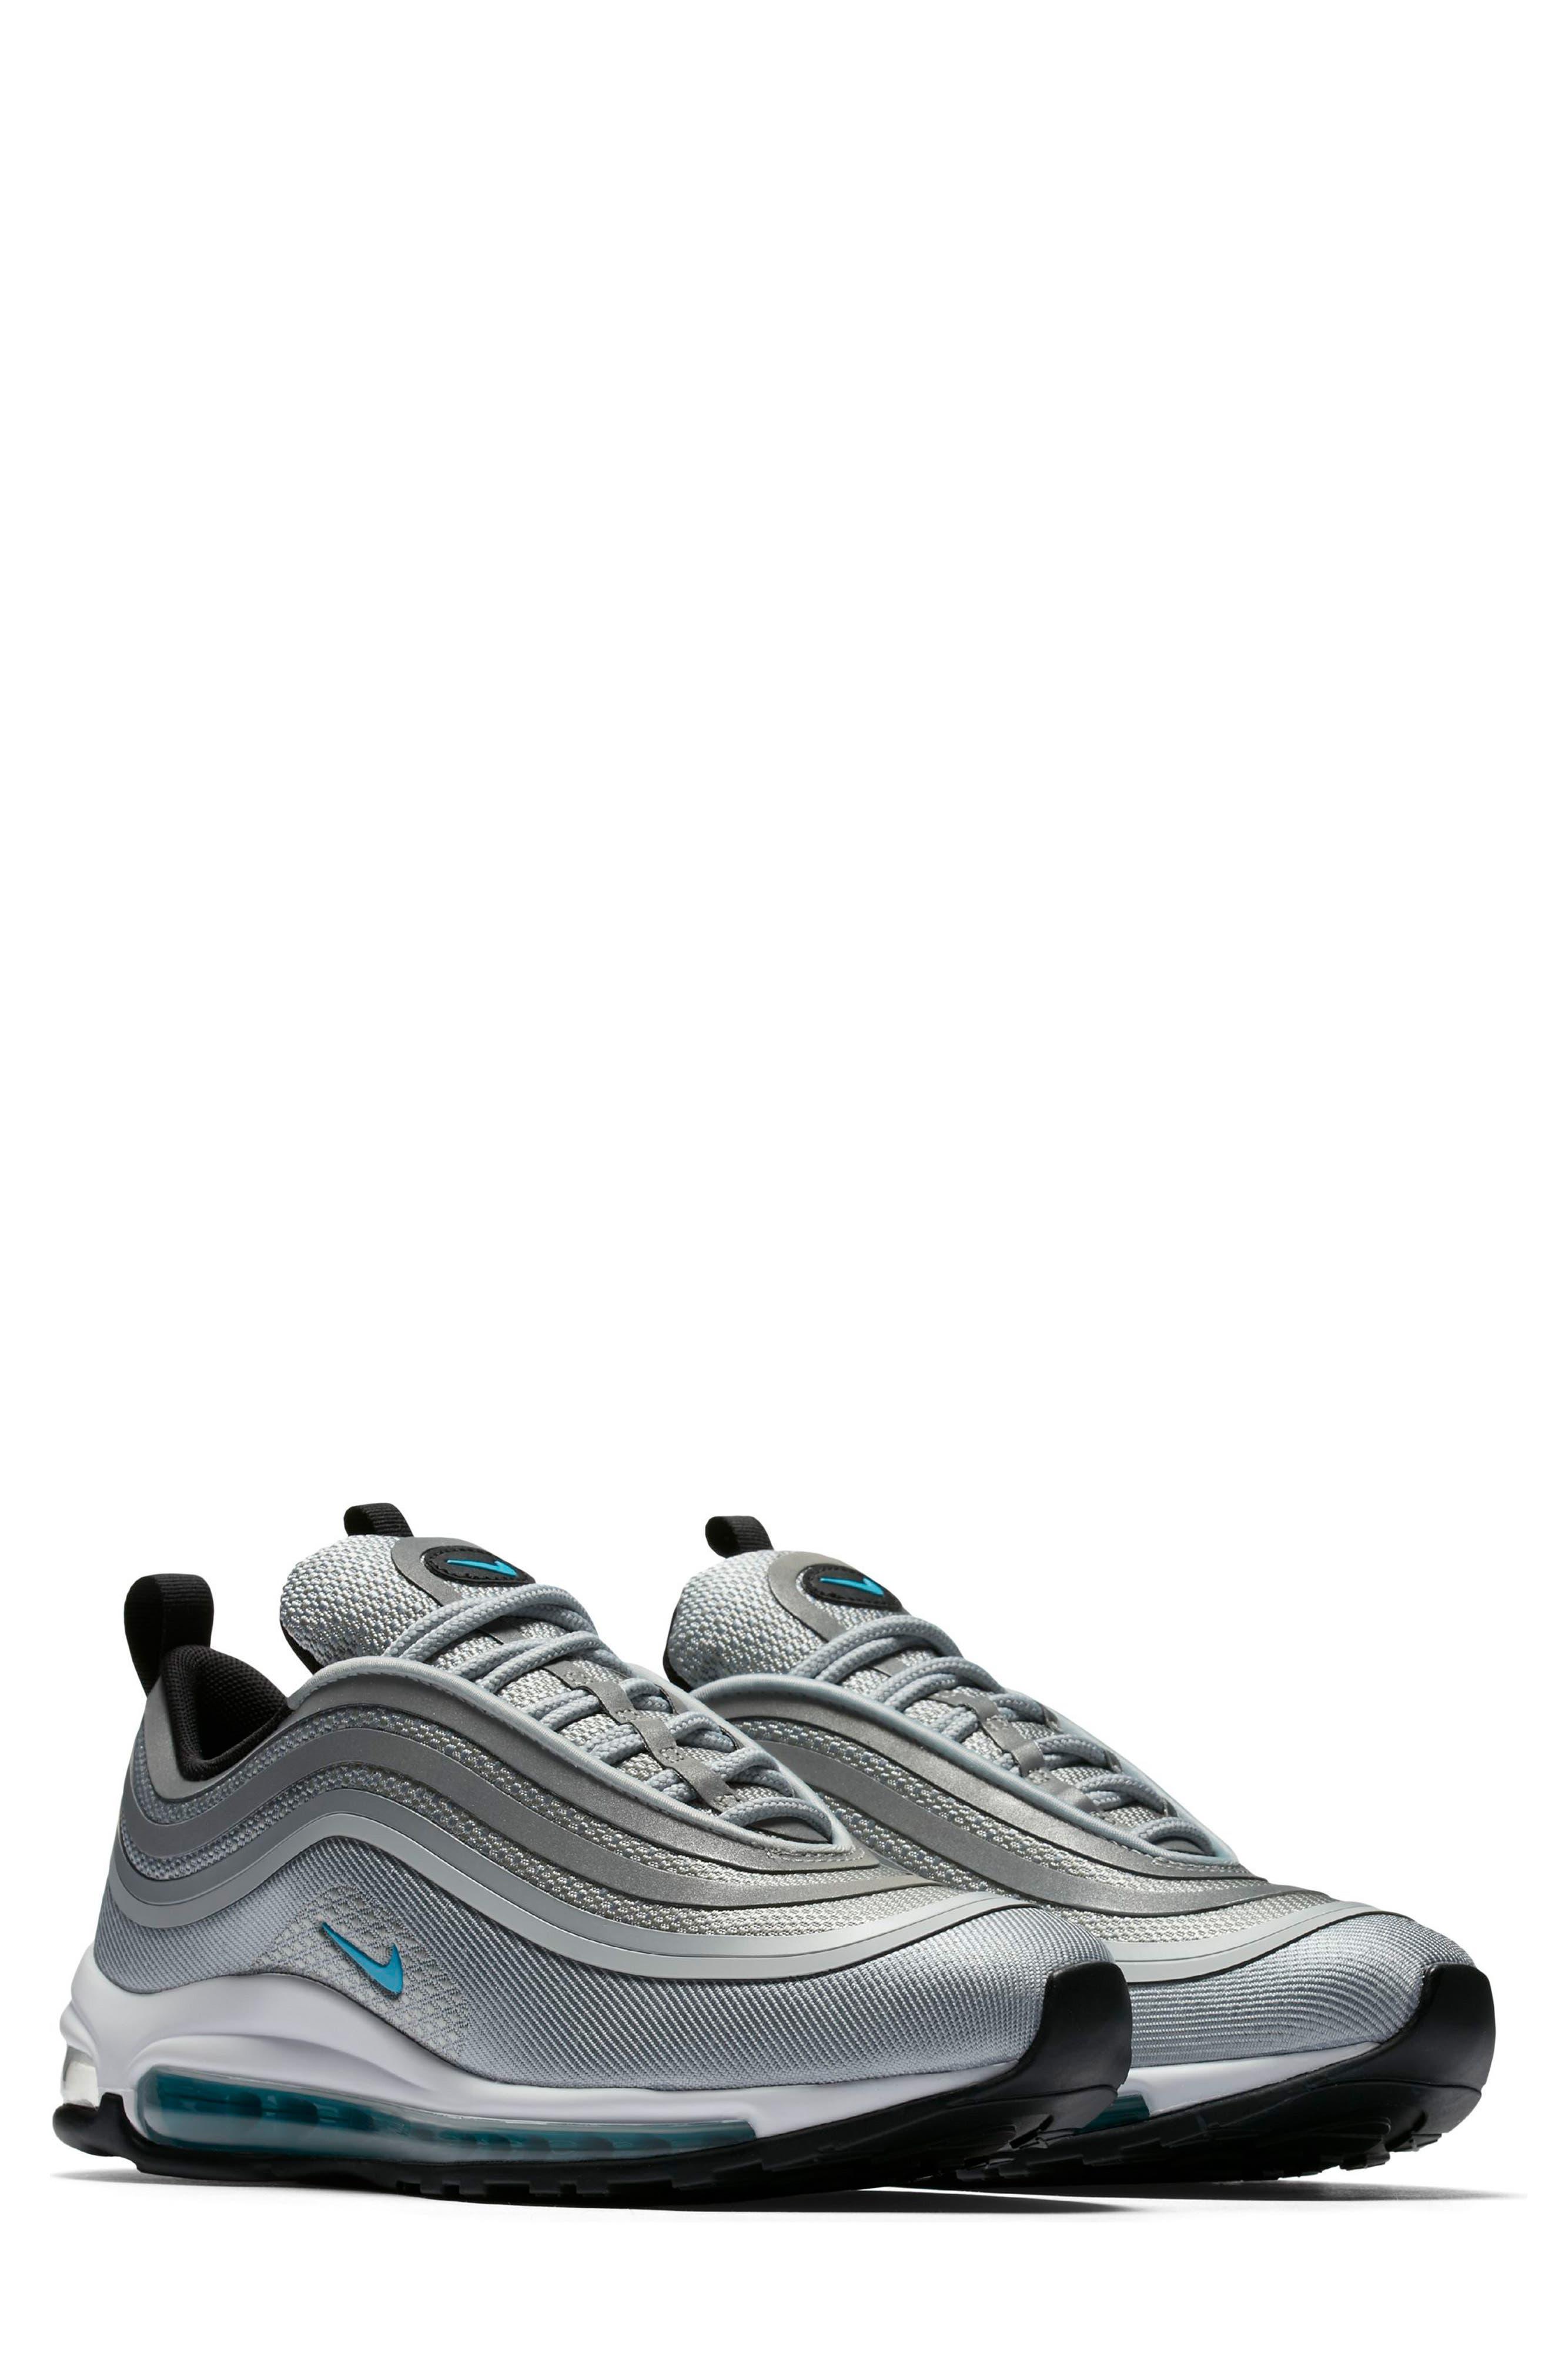 Alternate Image 1 Selected - Nike Air Max 97 Ultralight 2017 Sneaker (Women)